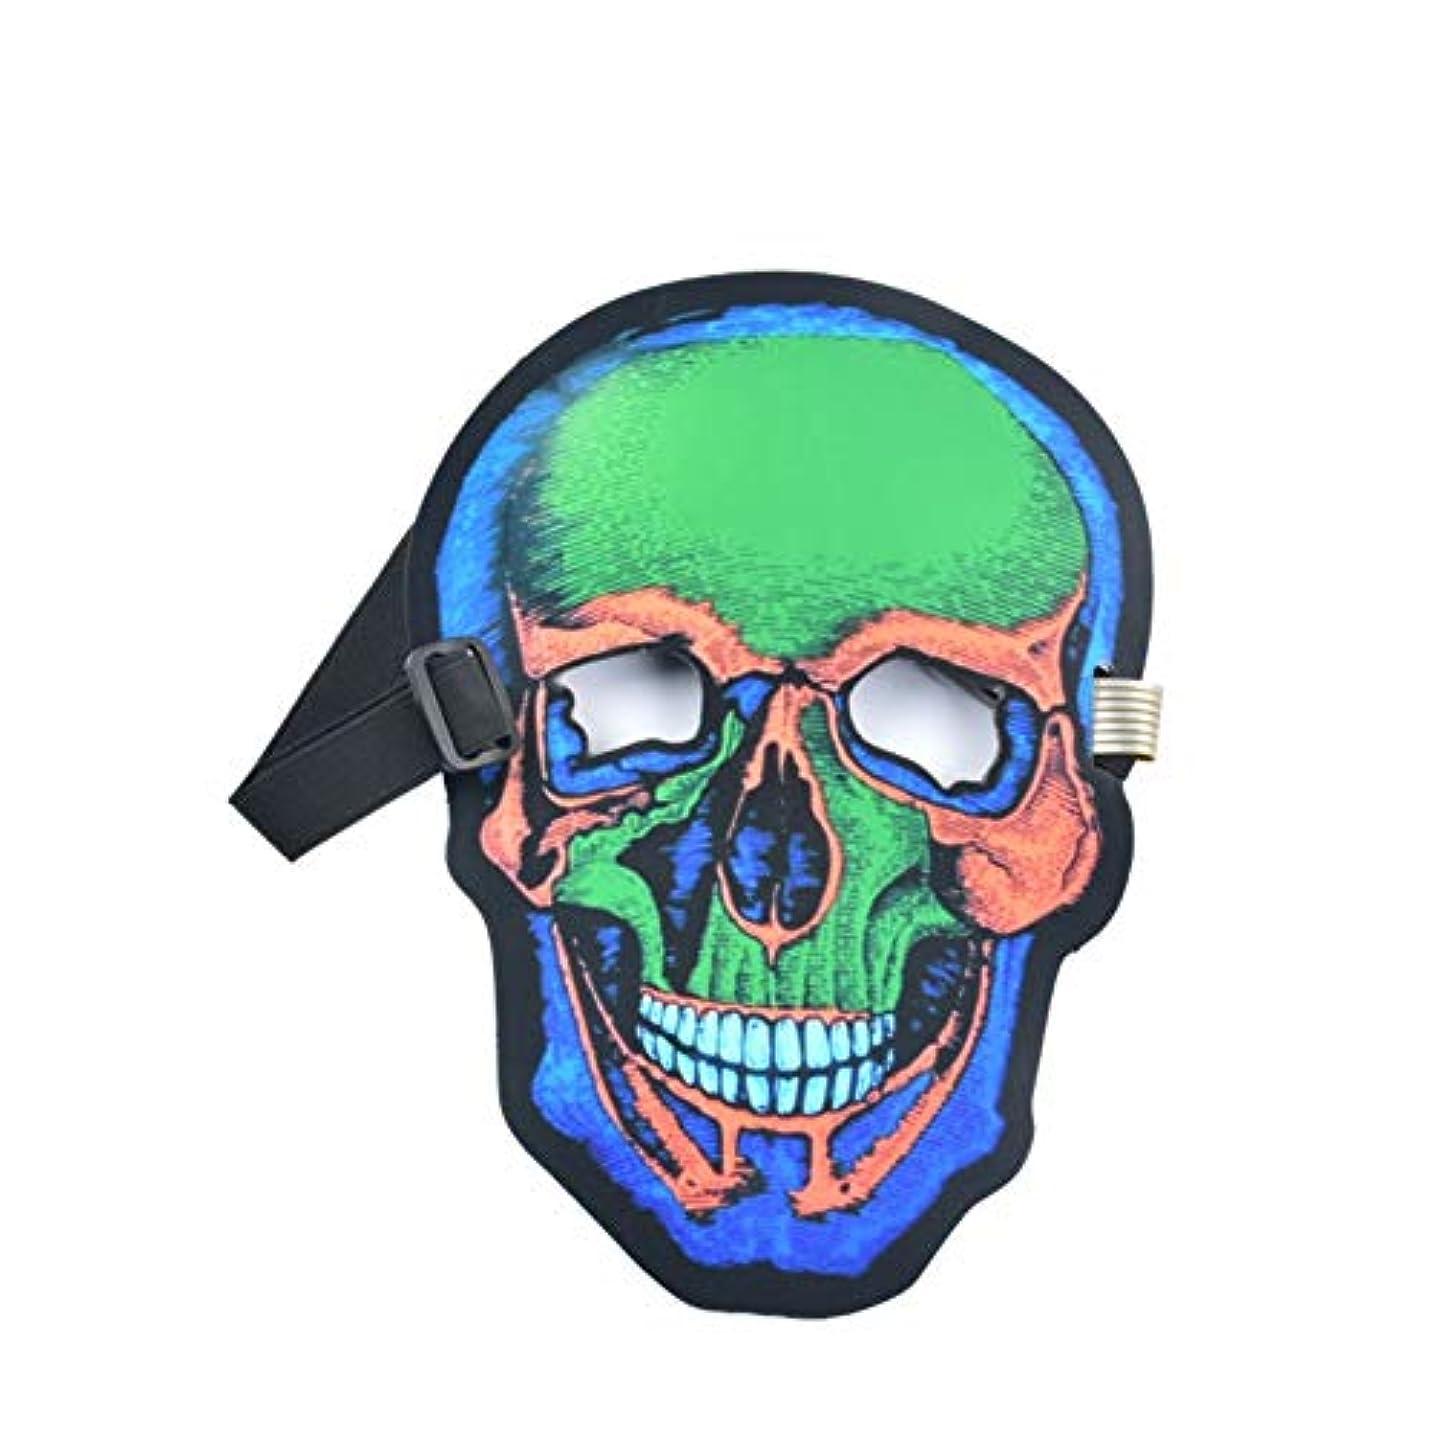 貫通する抽象化呪われたEsolom ハロウィンドレスアップ どくろ頭 音声制御マスク 音作動LED照明マスク ウサギのデザイン ハロウィンマスク DJミュージックマスク